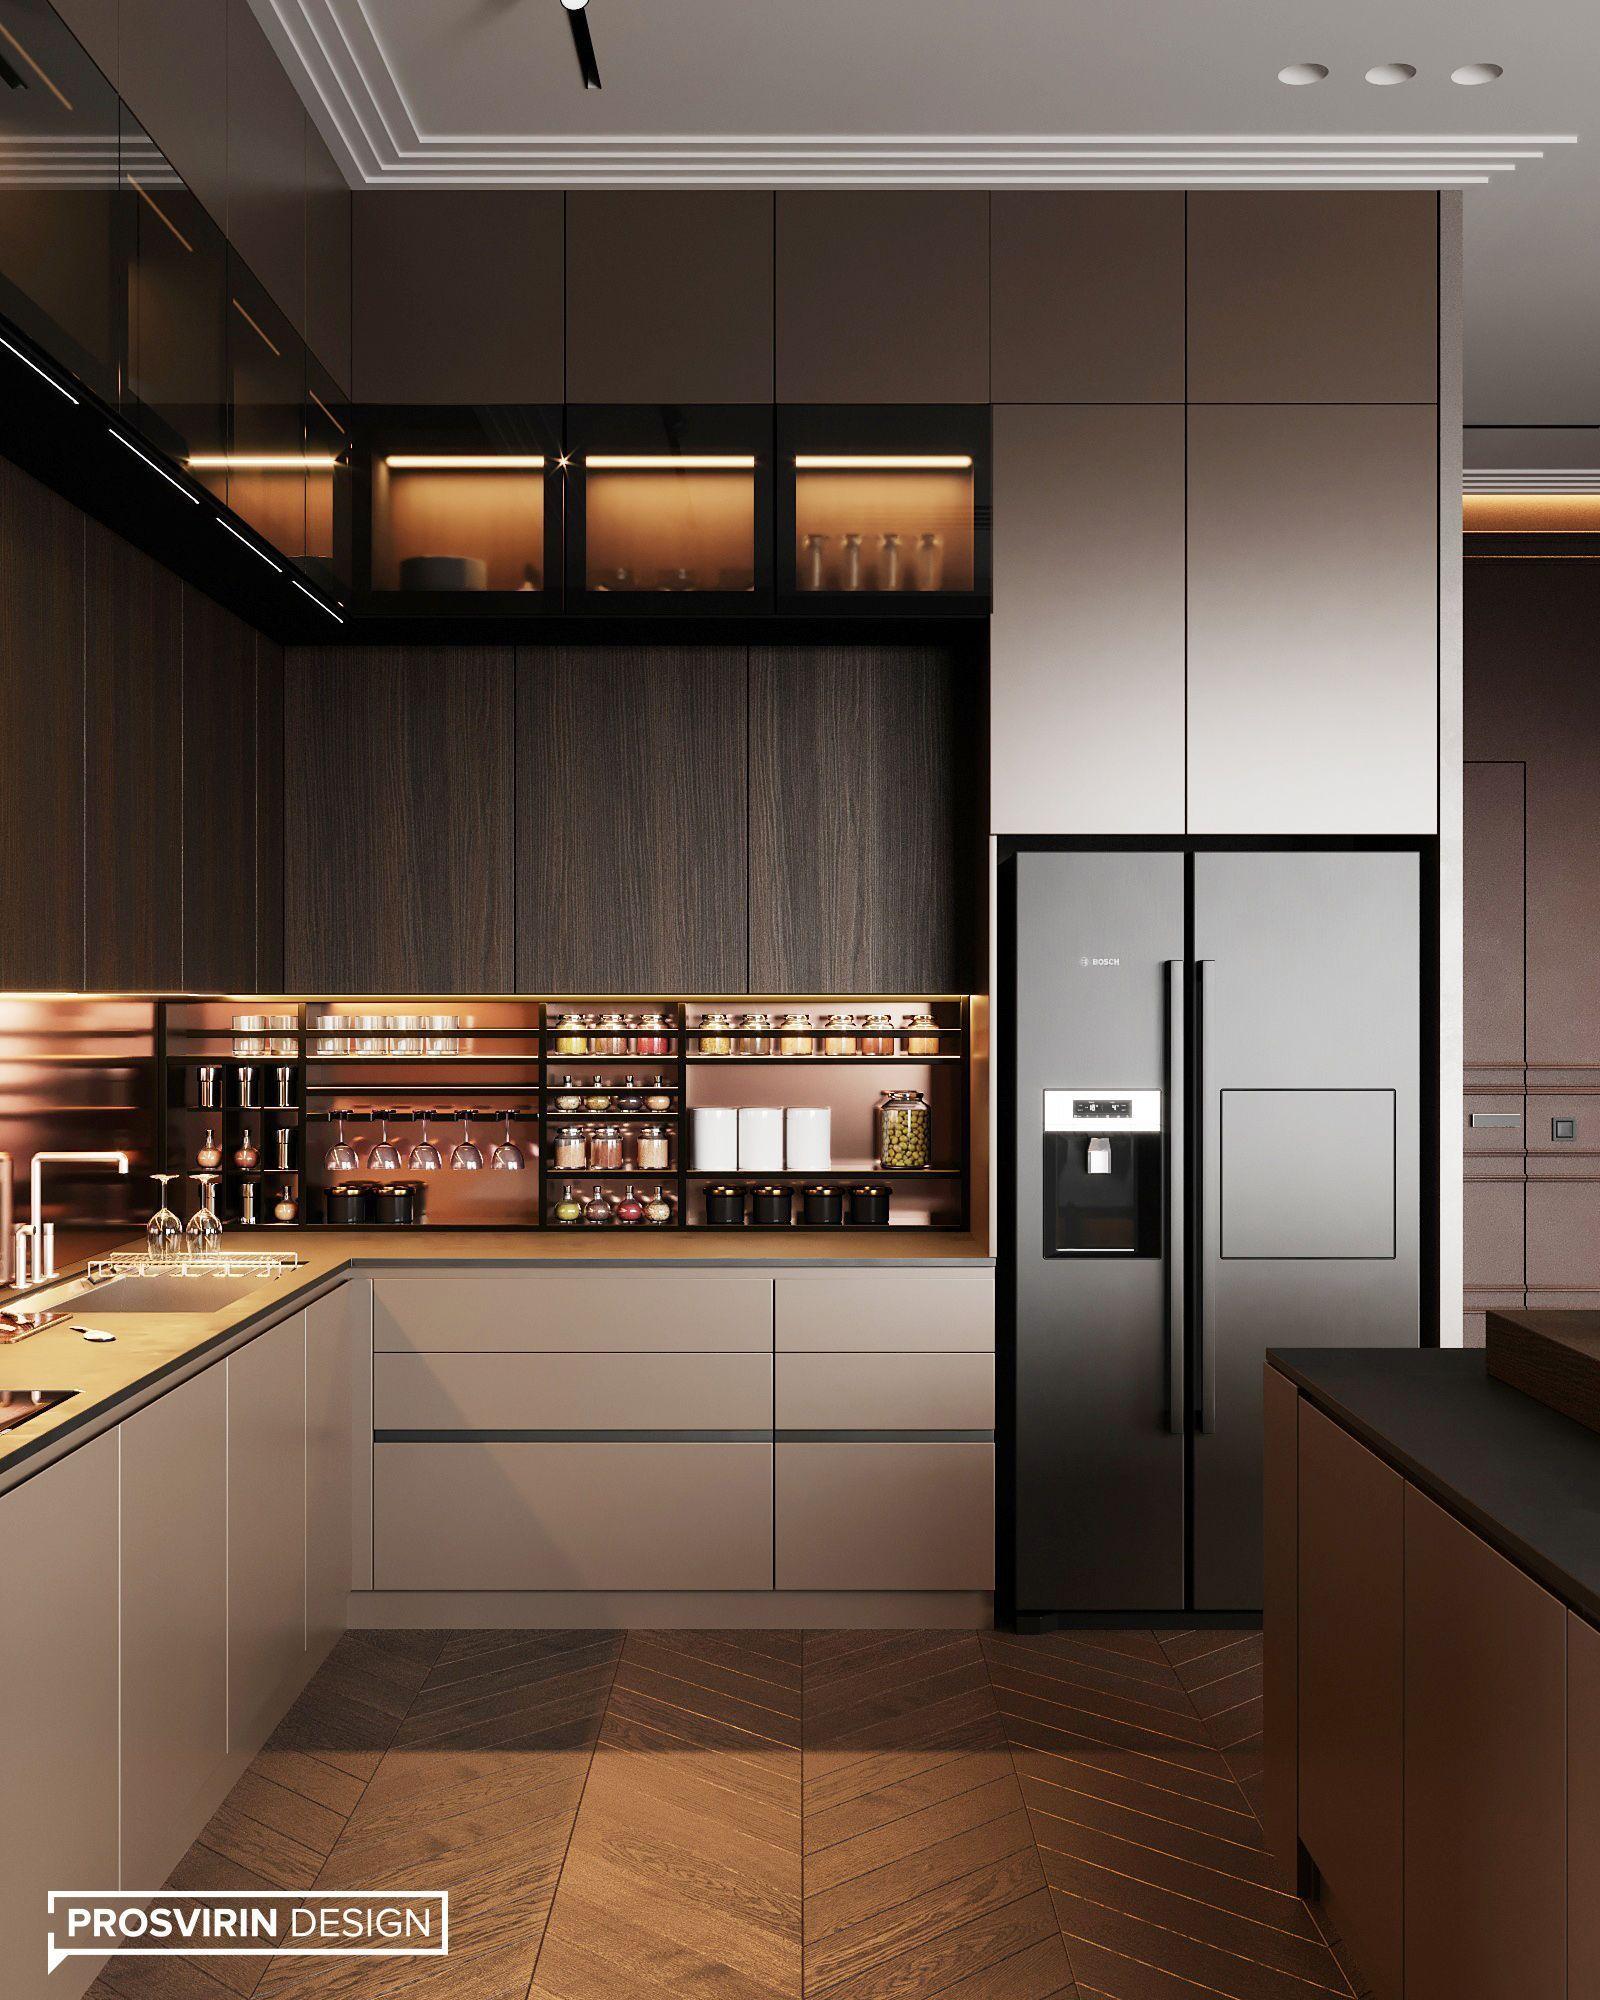 Contemporary Kitchen Design (Benefits and Types of Kitchen ... on Ultra Modern Luxury Modern Kitchen Designs  id=57609